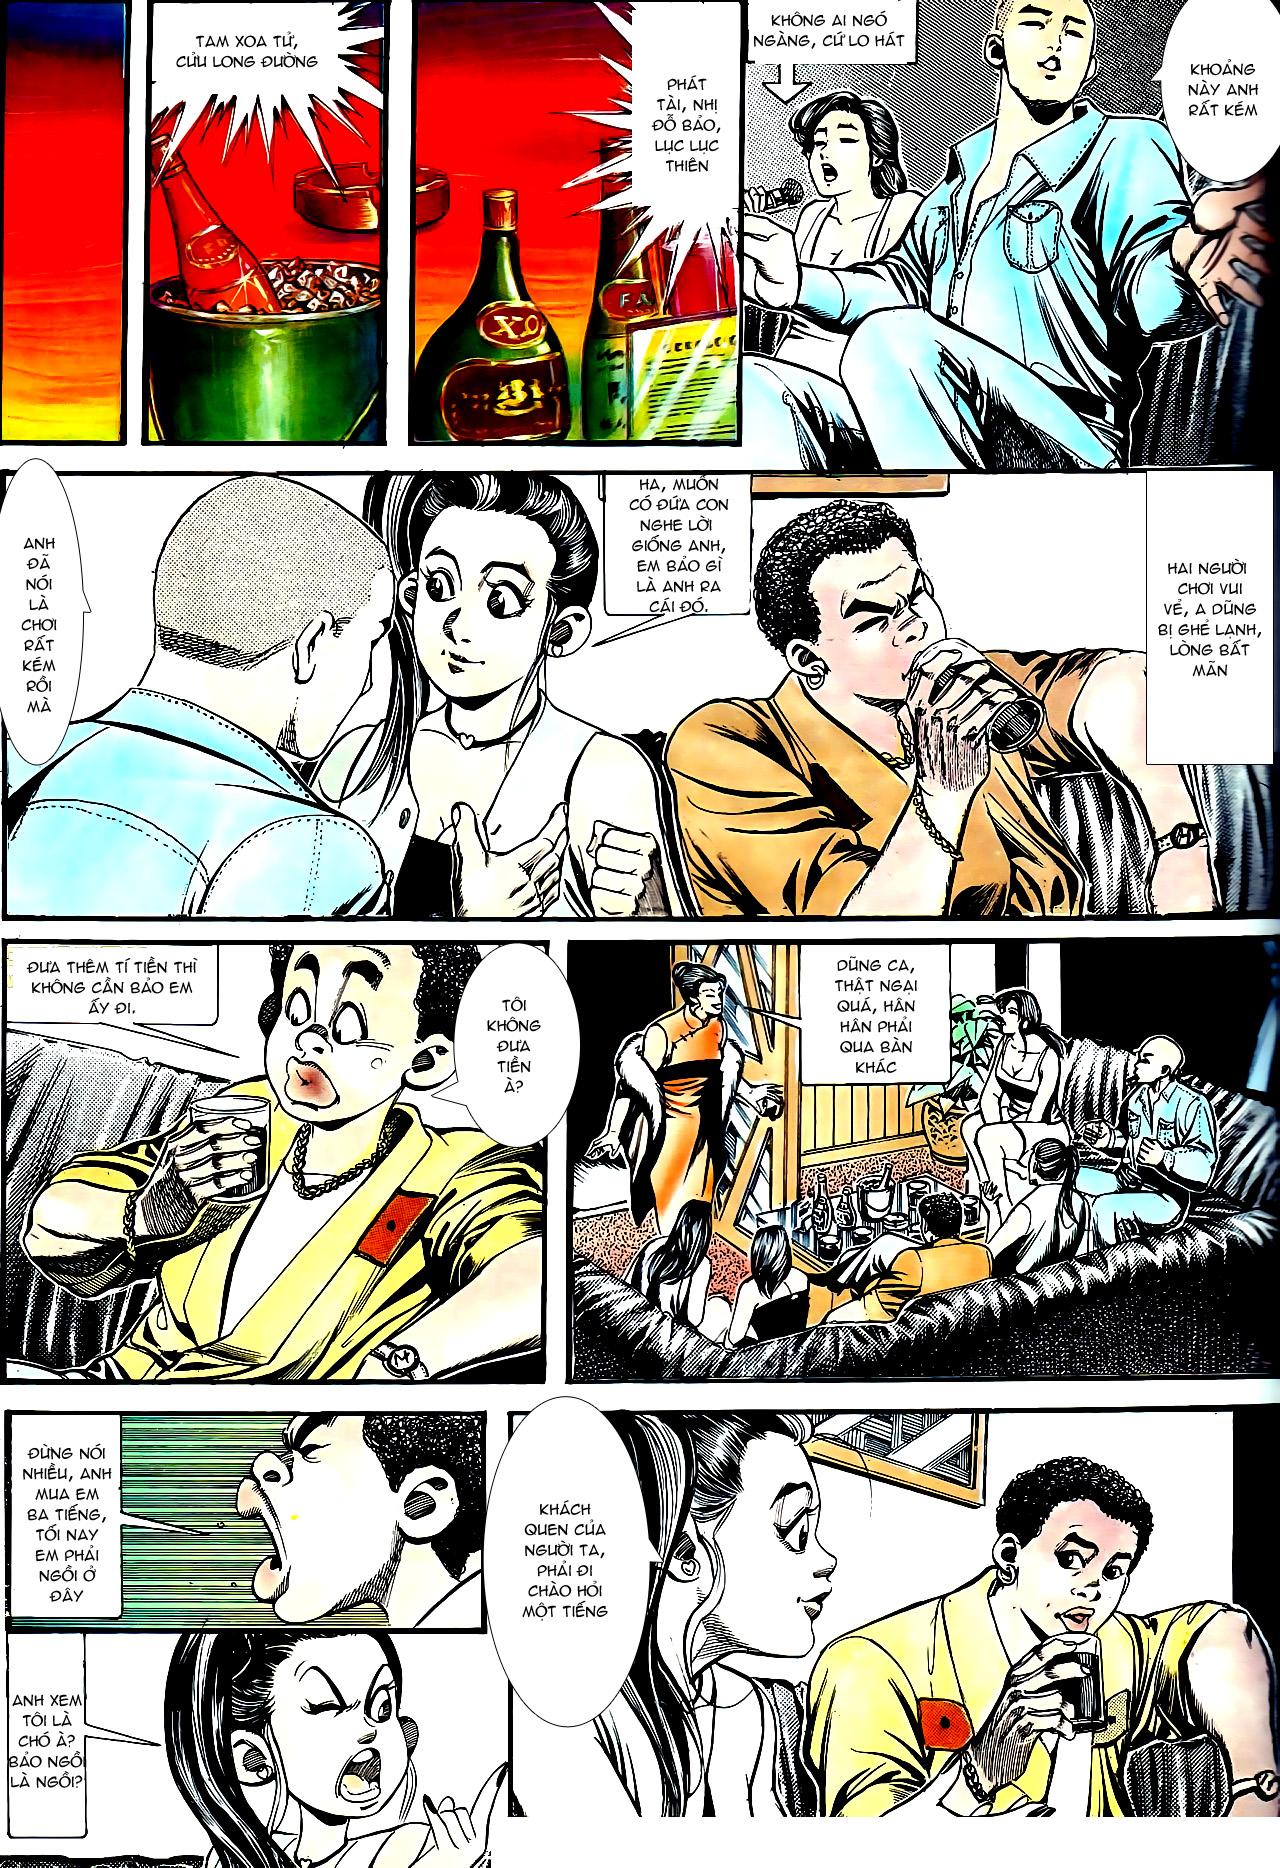 Người Trong Giang Hồ chapter 154: nam đẹp trai trang 22